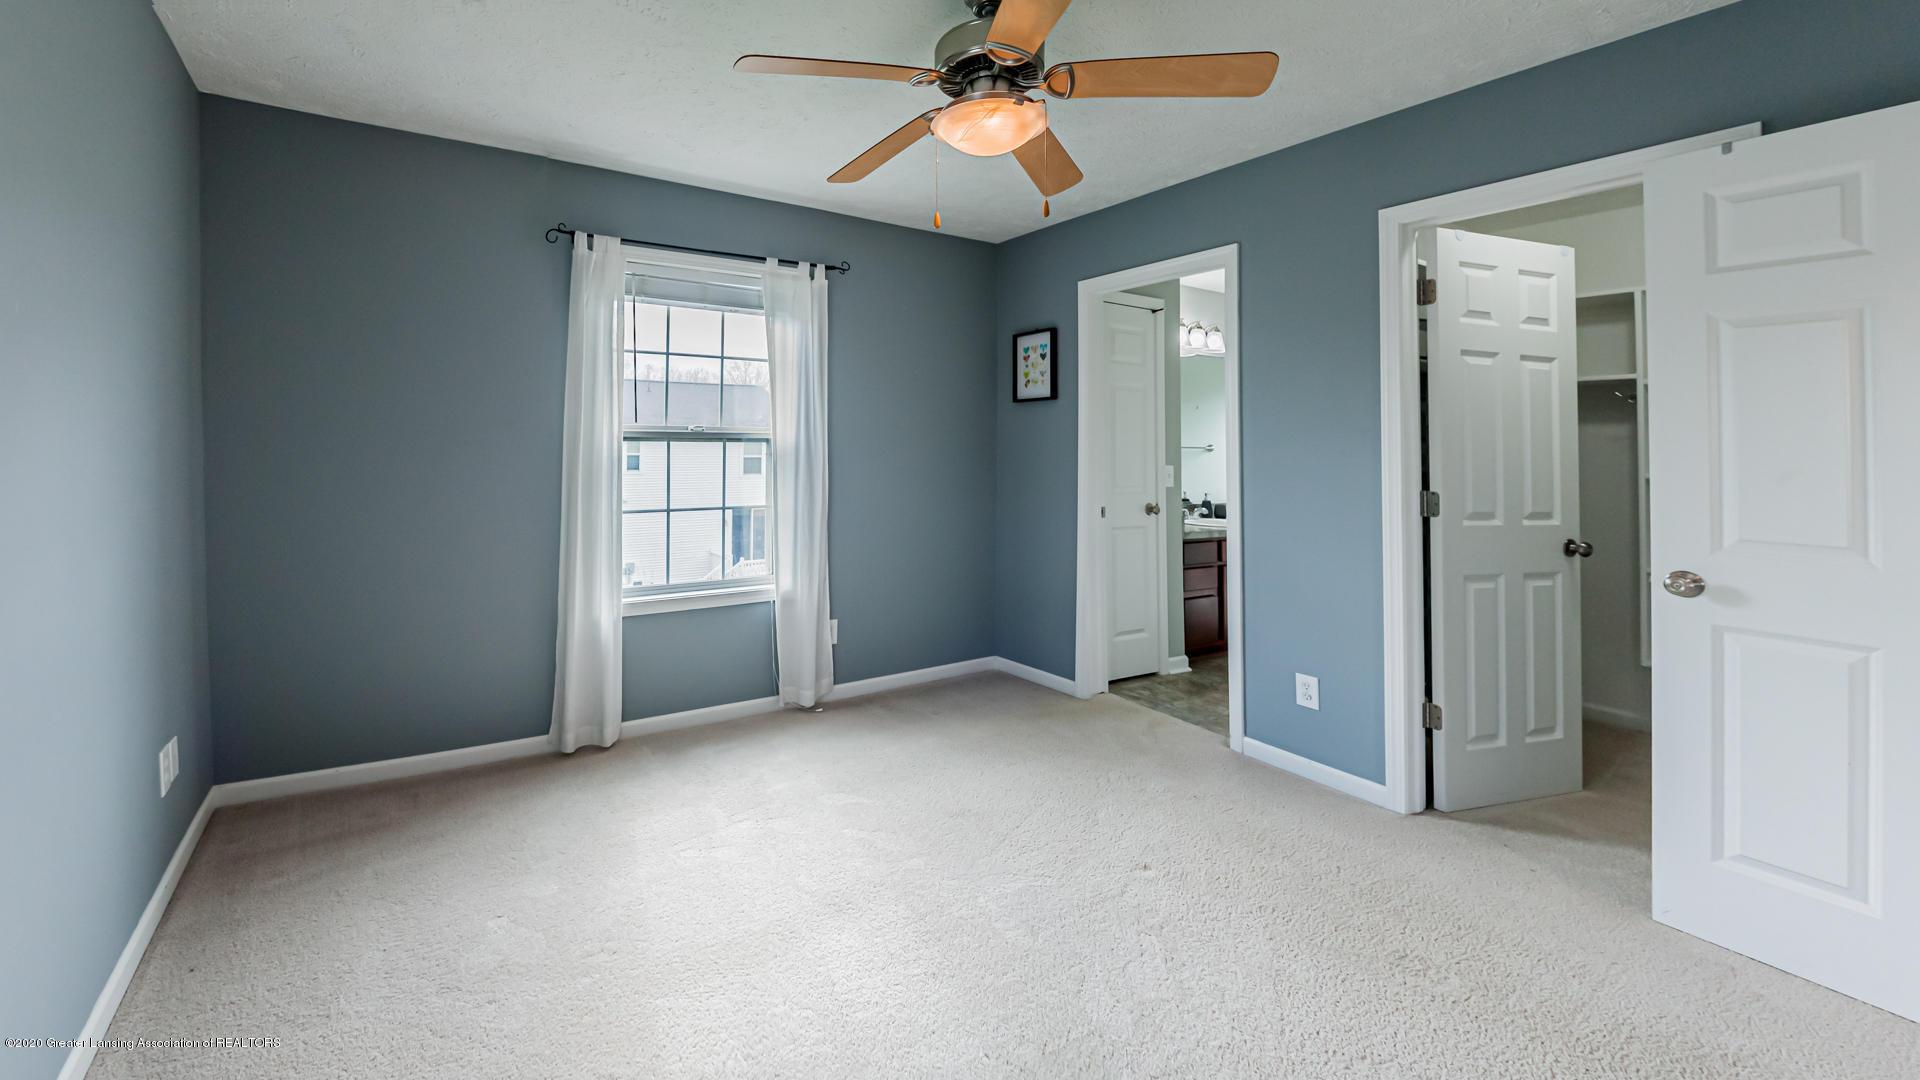 3848 Caracara Ln - Bedroom - 11